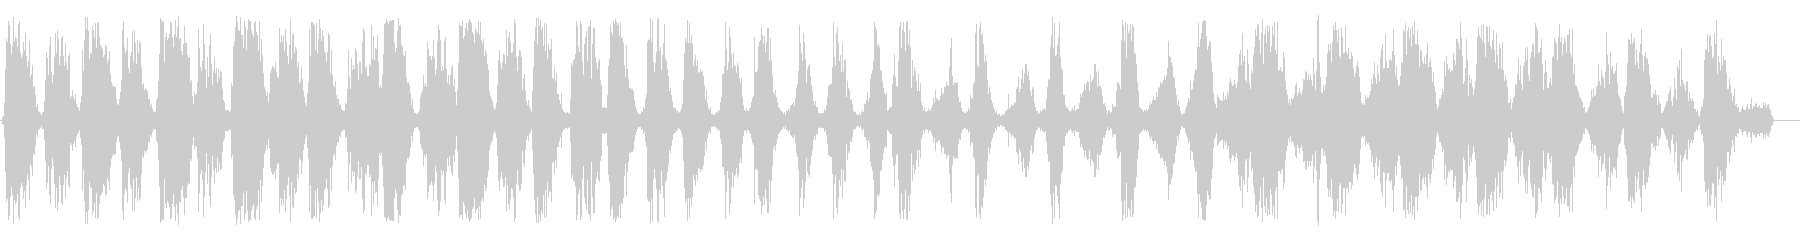 ガシュガシュ(鋸引きを一生懸命)の未再生の波形